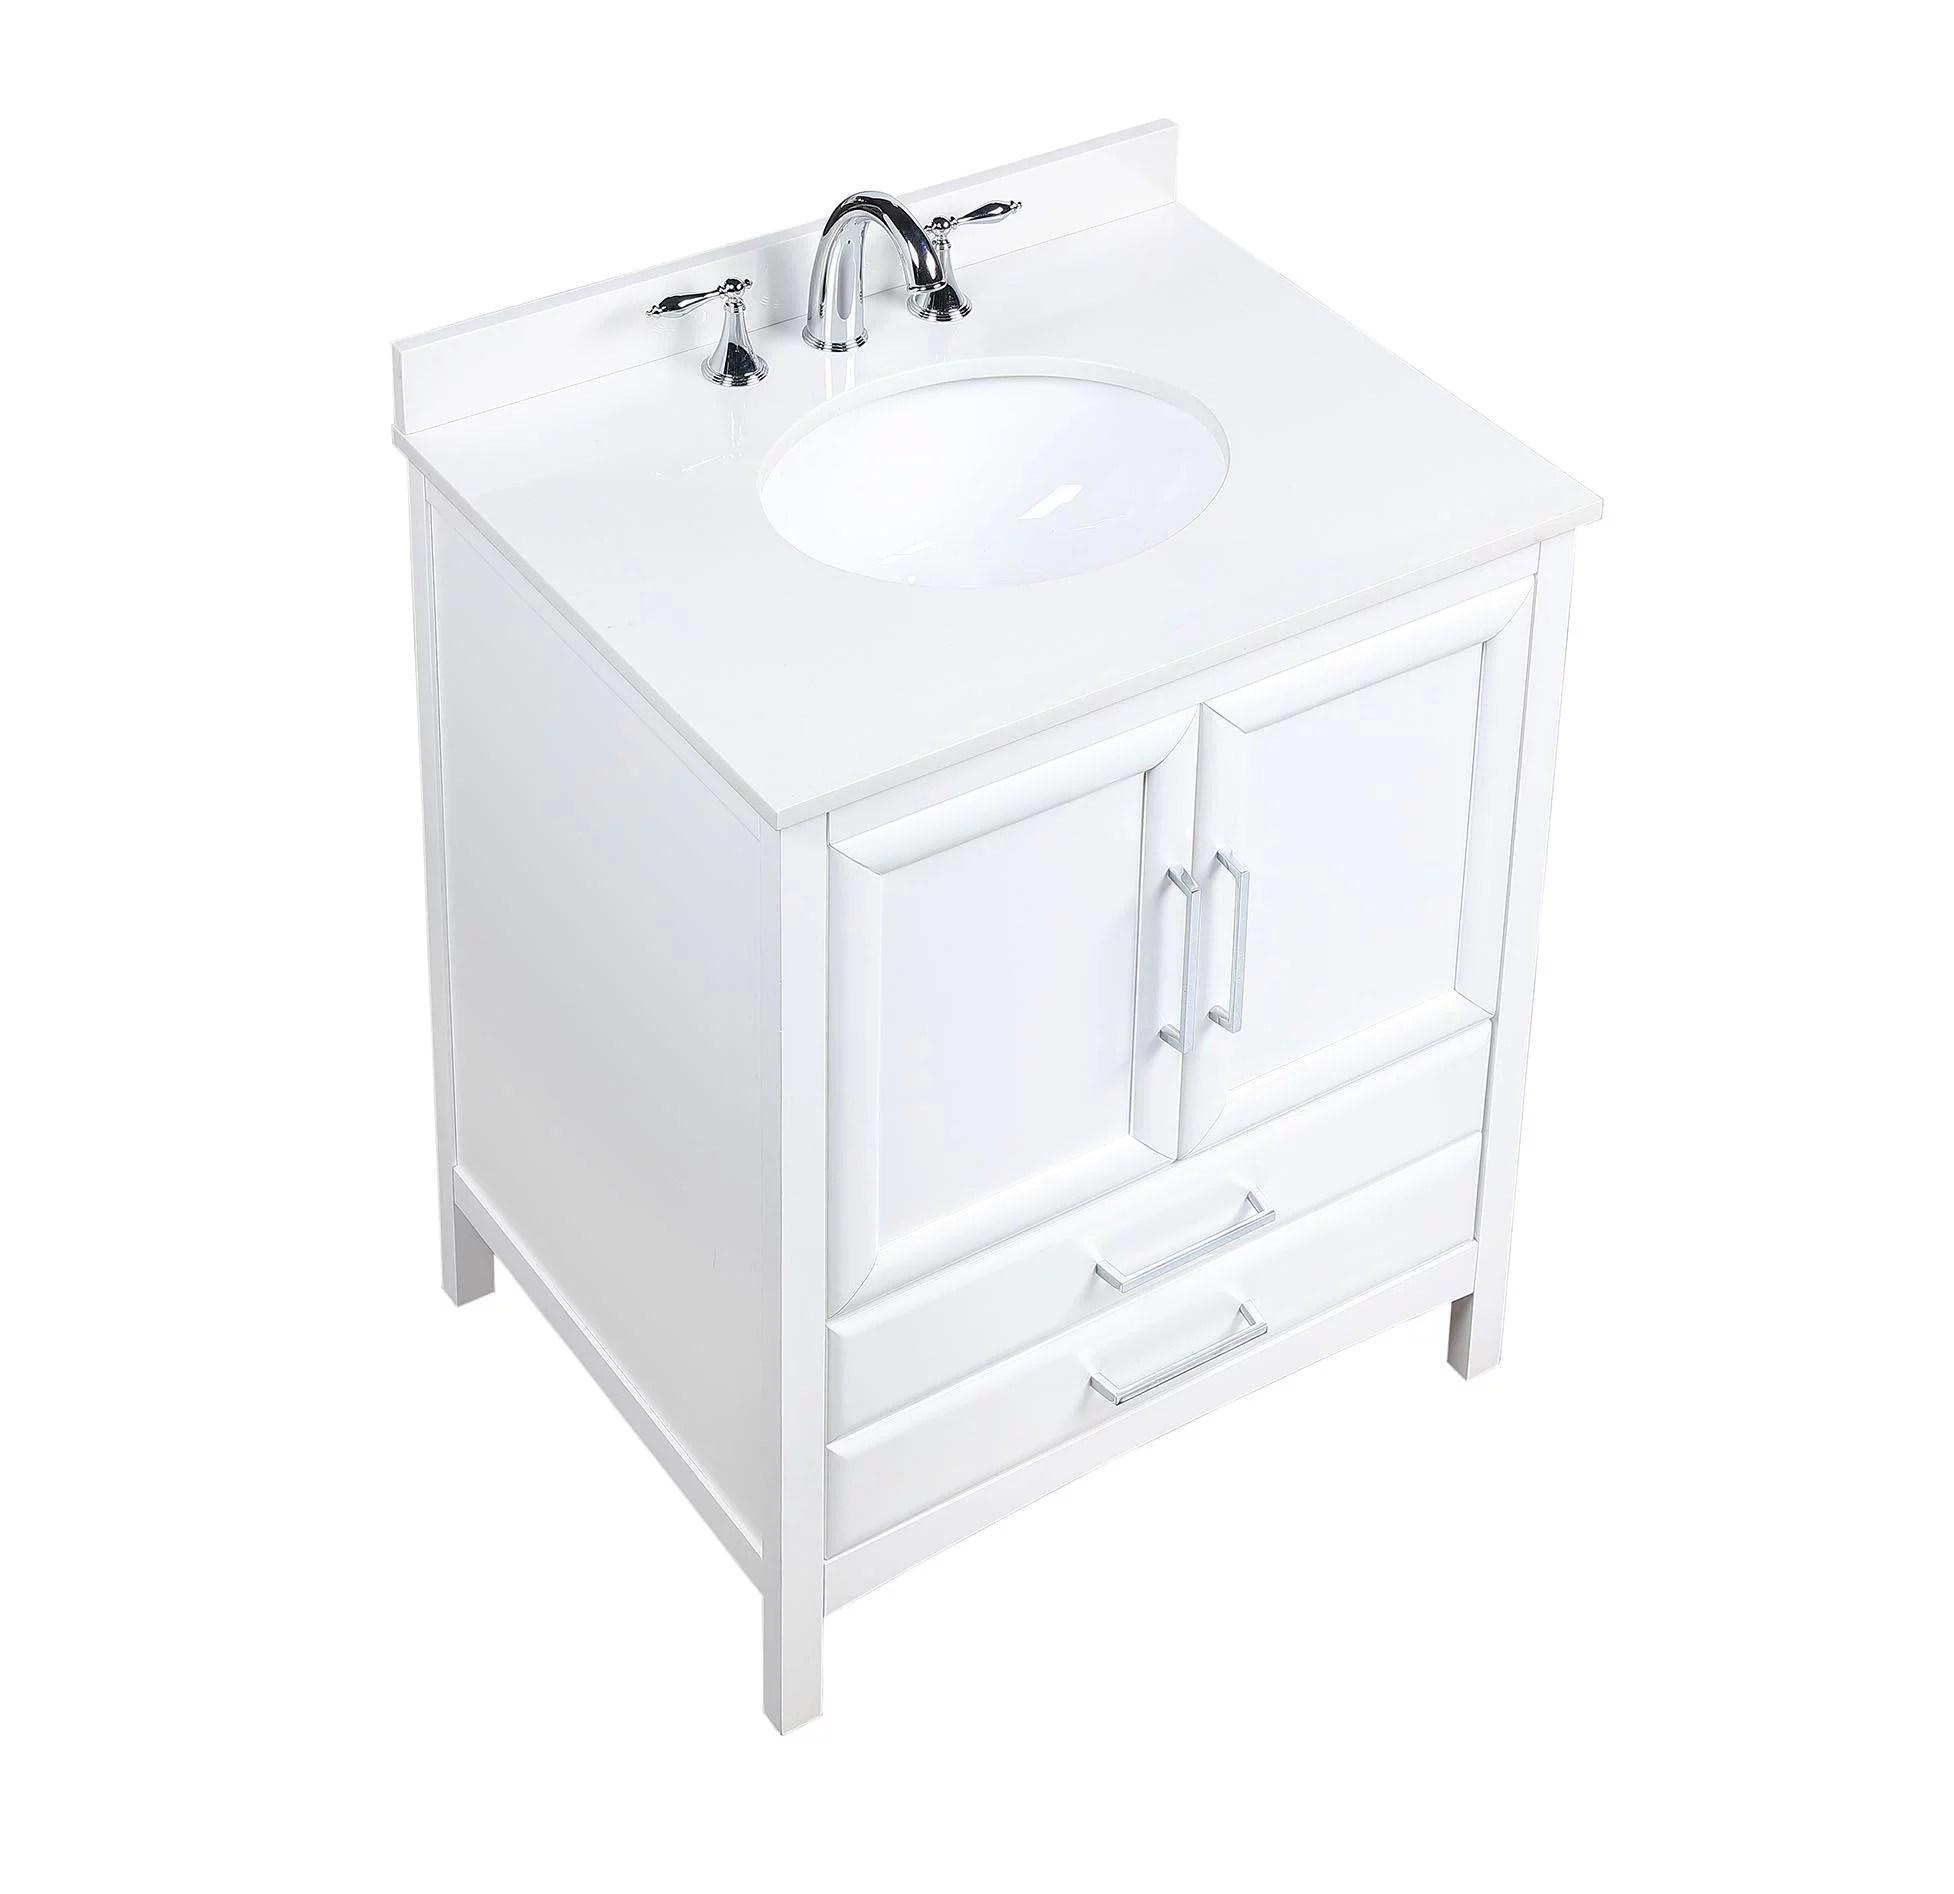 vanity art 30 inch single sink bathroom vanity set with cultured marble vanity top and ceramic sink